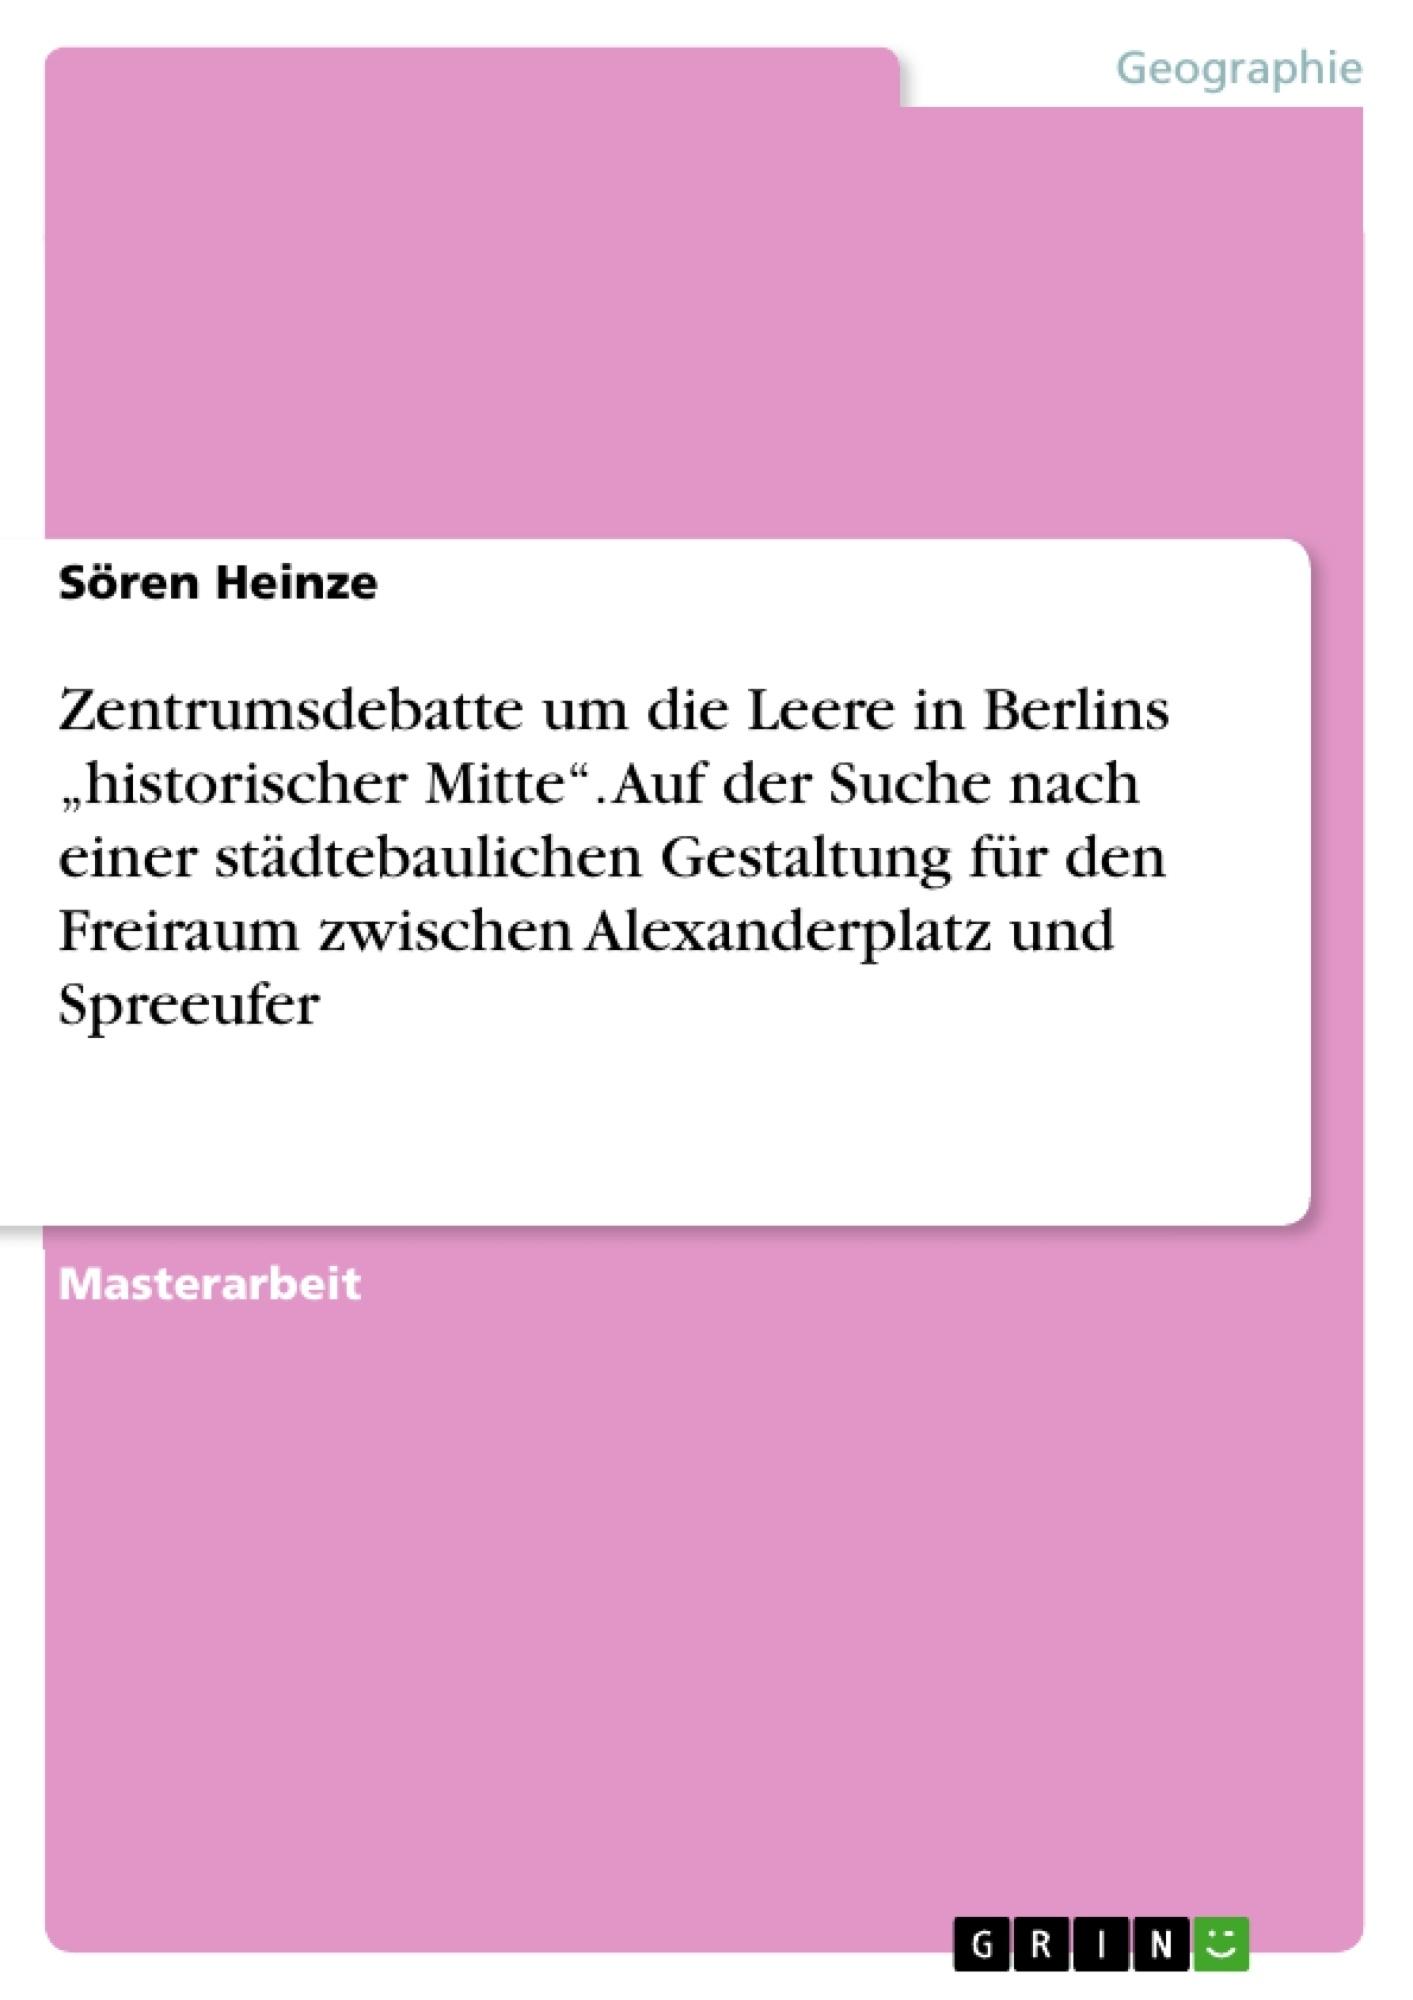 """Titel: Zentrumsdebatte um die Leere in Berlins """"historischer Mitte"""". Auf der Suche nach einer städtebaulichen Gestaltung für den Freiraum zwischen  Alexanderplatz und Spreeufer"""